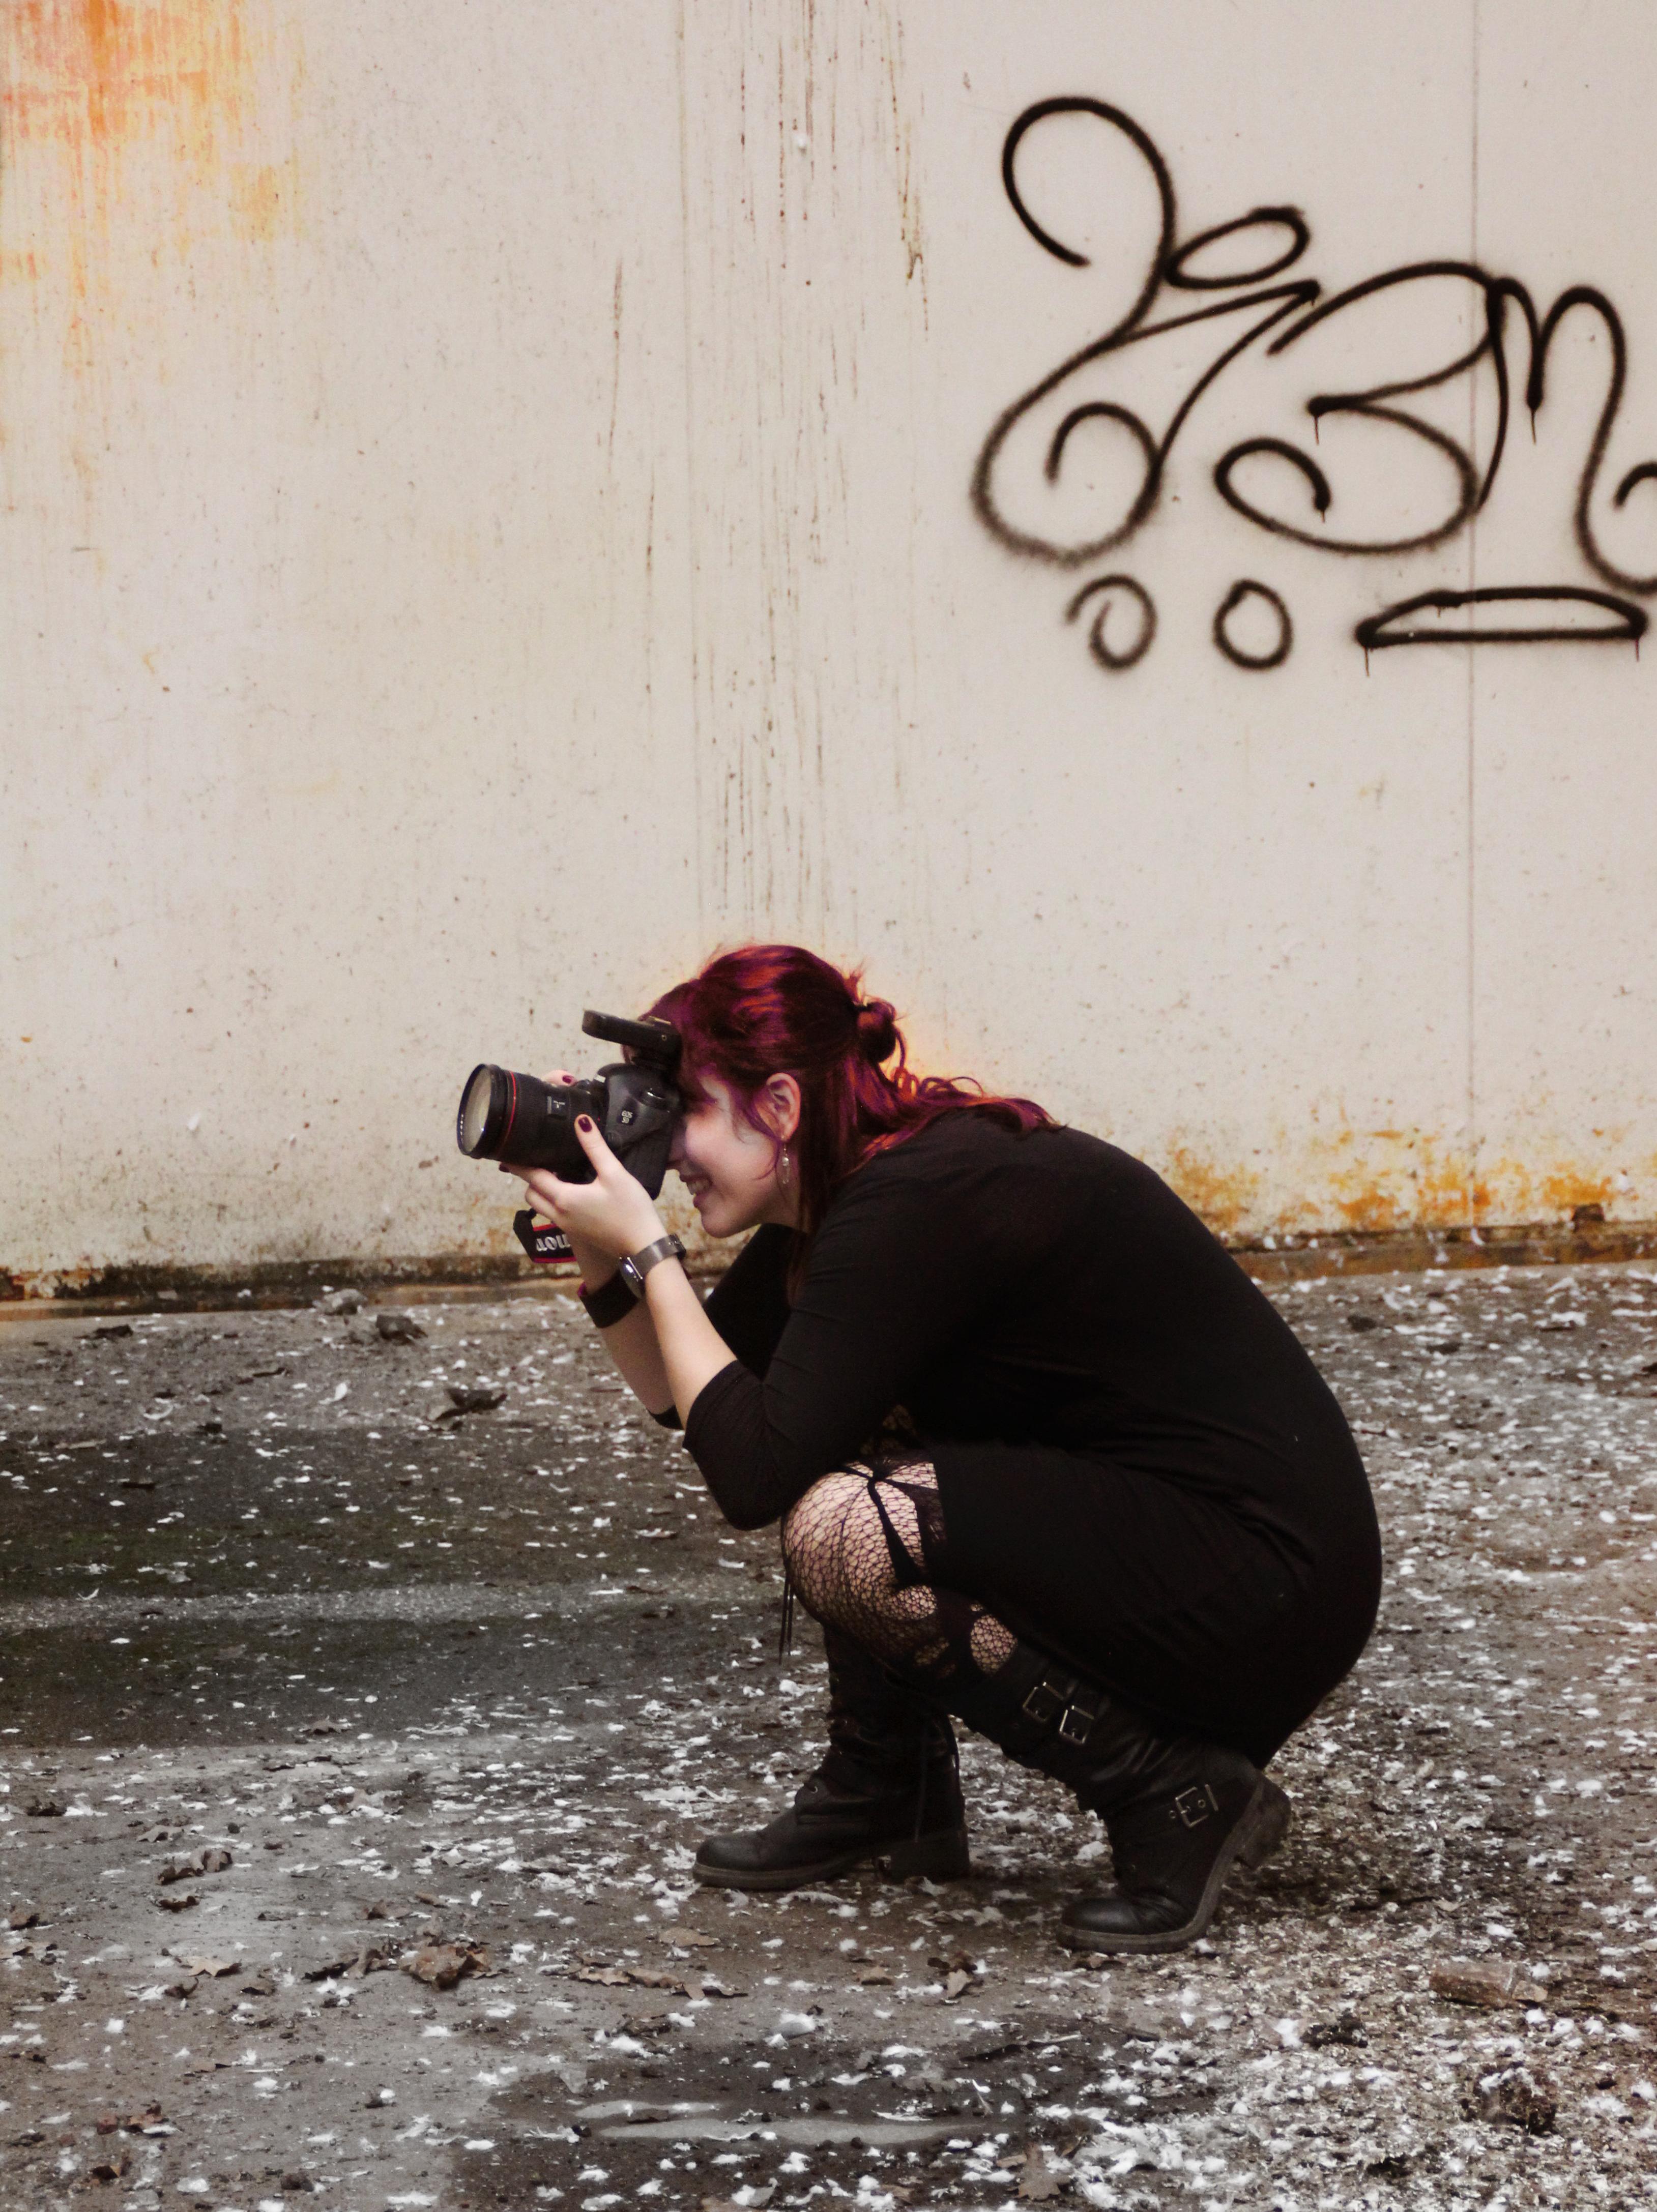 fotoreportage-portretten-Fotograaf-urbex-loods-industrieel-gezocht-laten-maken-binnenlocatie-aparte-bijzondere-boudoir-lingerie-Ruwmantisch-Rawmantic-breda-randstad-utrecht